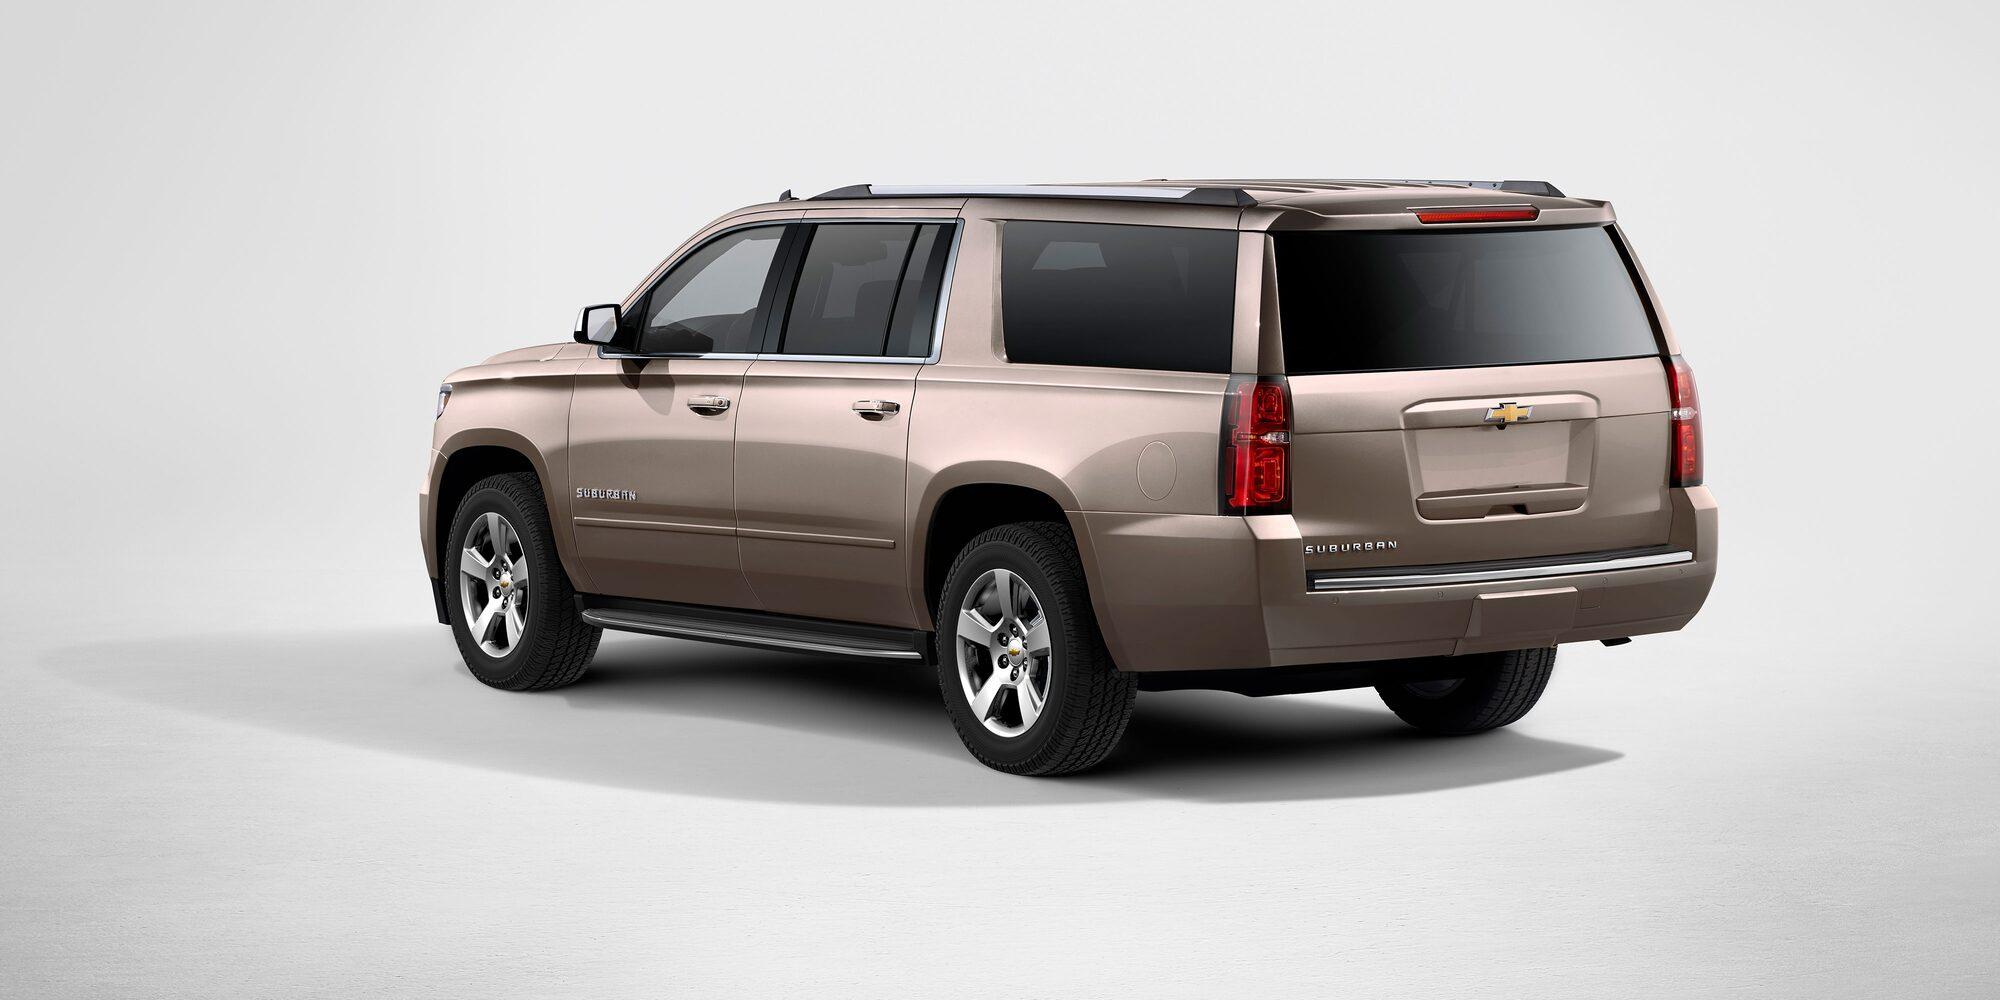 Chevrolet Suburban camioneta de lujo 2018 con sunroof eléctrico deslizable de 3 posiciones y rieles en techo